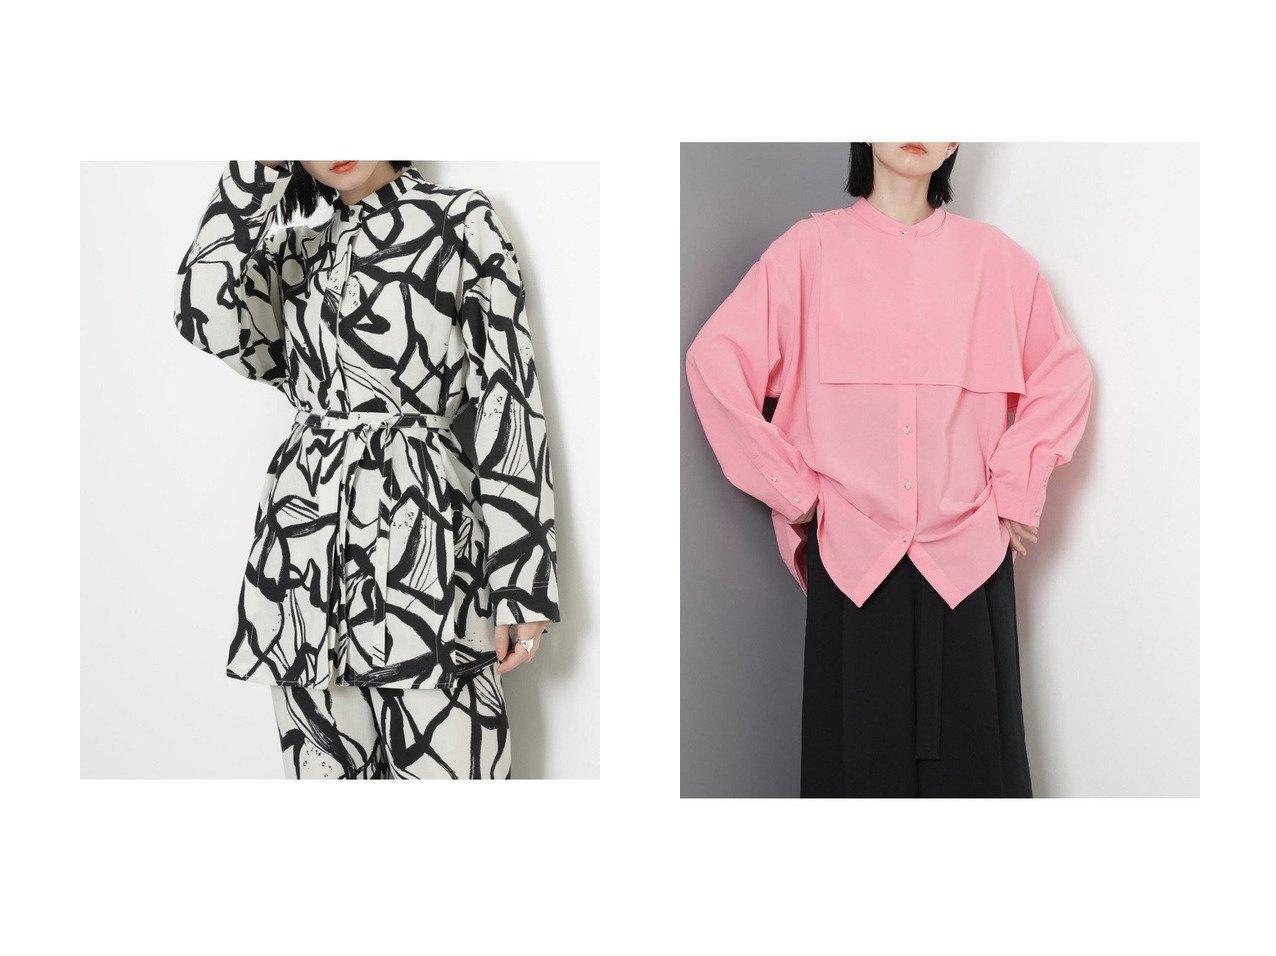 【ROSE BUD/ローズバッド】のバンドカラーシャツ&ガンフラップシャツ 【トップス・カットソー】おすすめ!人気、トレンド・レディースファッションの通販 おすすめで人気の流行・トレンド、ファッションの通販商品 インテリア・家具・メンズファッション・キッズファッション・レディースファッション・服の通販 founy(ファニー) https://founy.com/ ファッション Fashion レディースファッション WOMEN トップス・カットソー Tops/Tshirt シャツ/ブラウス Shirts/Blouses 2020年 2020 2020-2021秋冬・A/W AW・Autumn/Winter・FW・Fall-Winter/2020-2021 2021年 2021 2021-2022秋冬・A/W AW・Autumn/Winter・FW・Fall-Winter・2021-2022 A/W・秋冬 AW・Autumn/Winter・FW・Fall-Winter おすすめ Recommend カフス スリット スリーブ セットアップ チュニック プリント ロング  ID:crp329100000060619